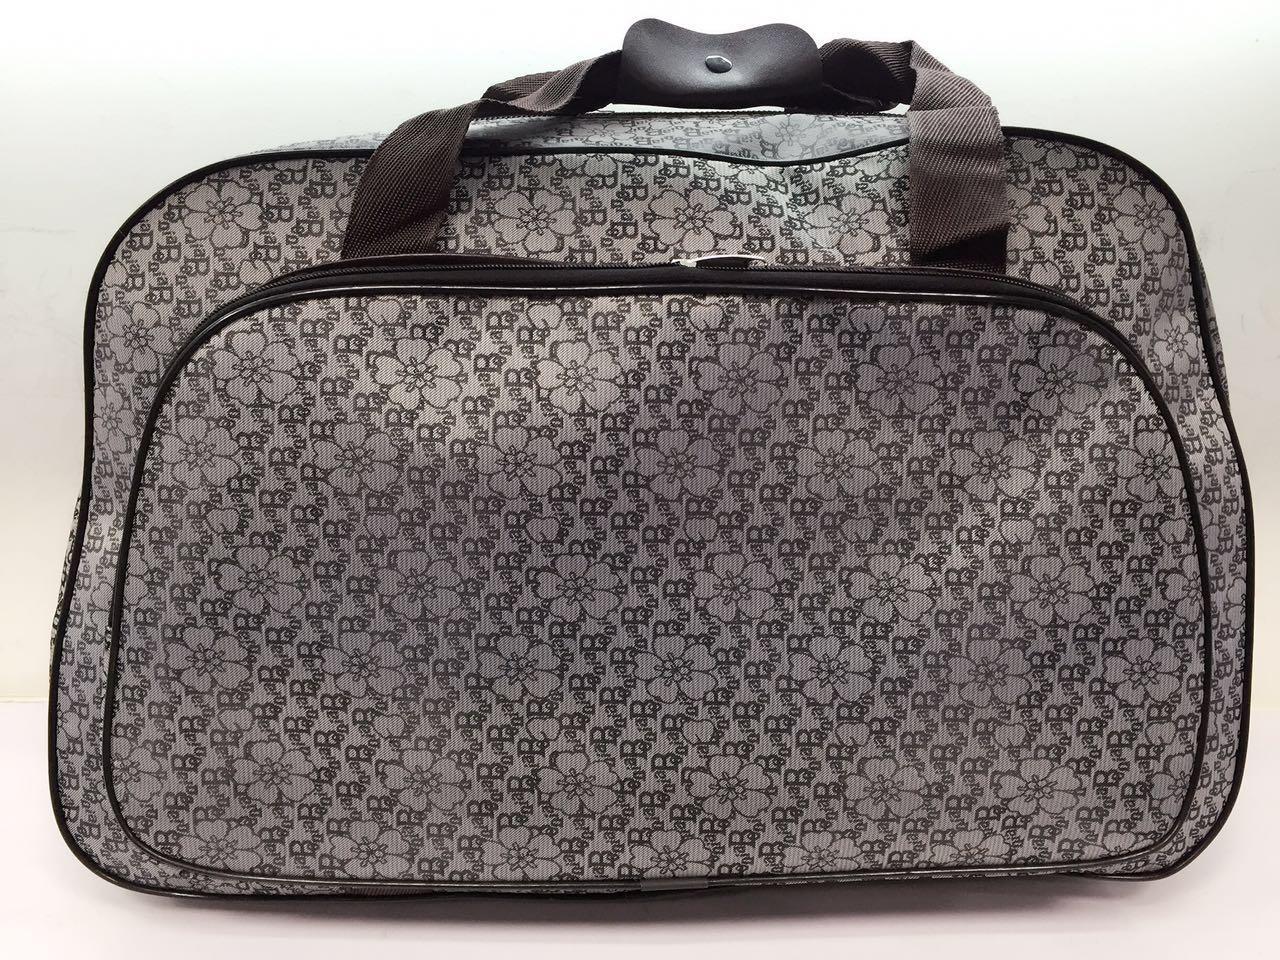 Жіноча текстильна дорожня сумка-саквояж для поїздок і подорожей